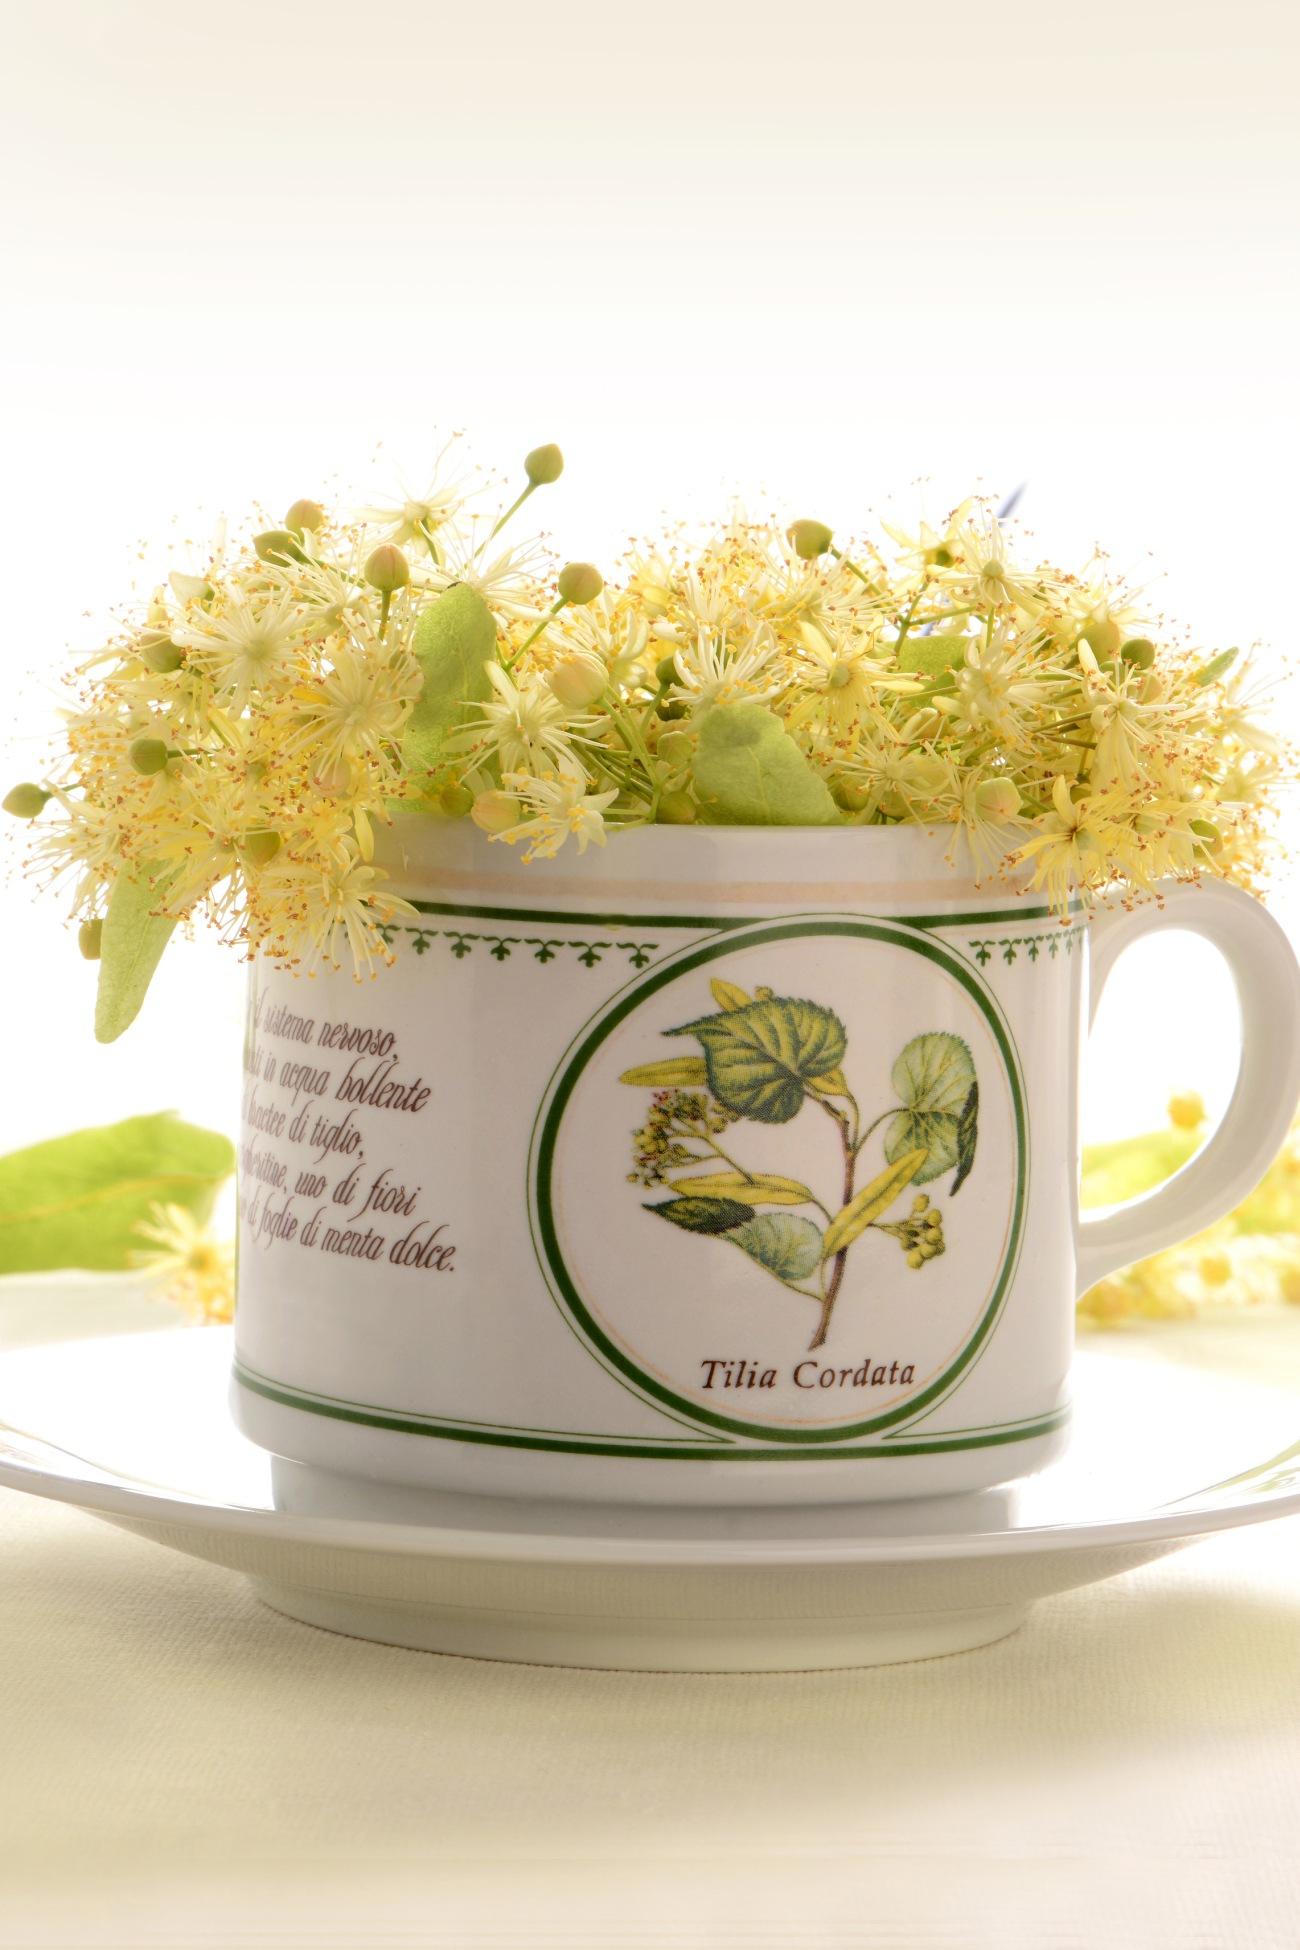 consumul de ceai verde